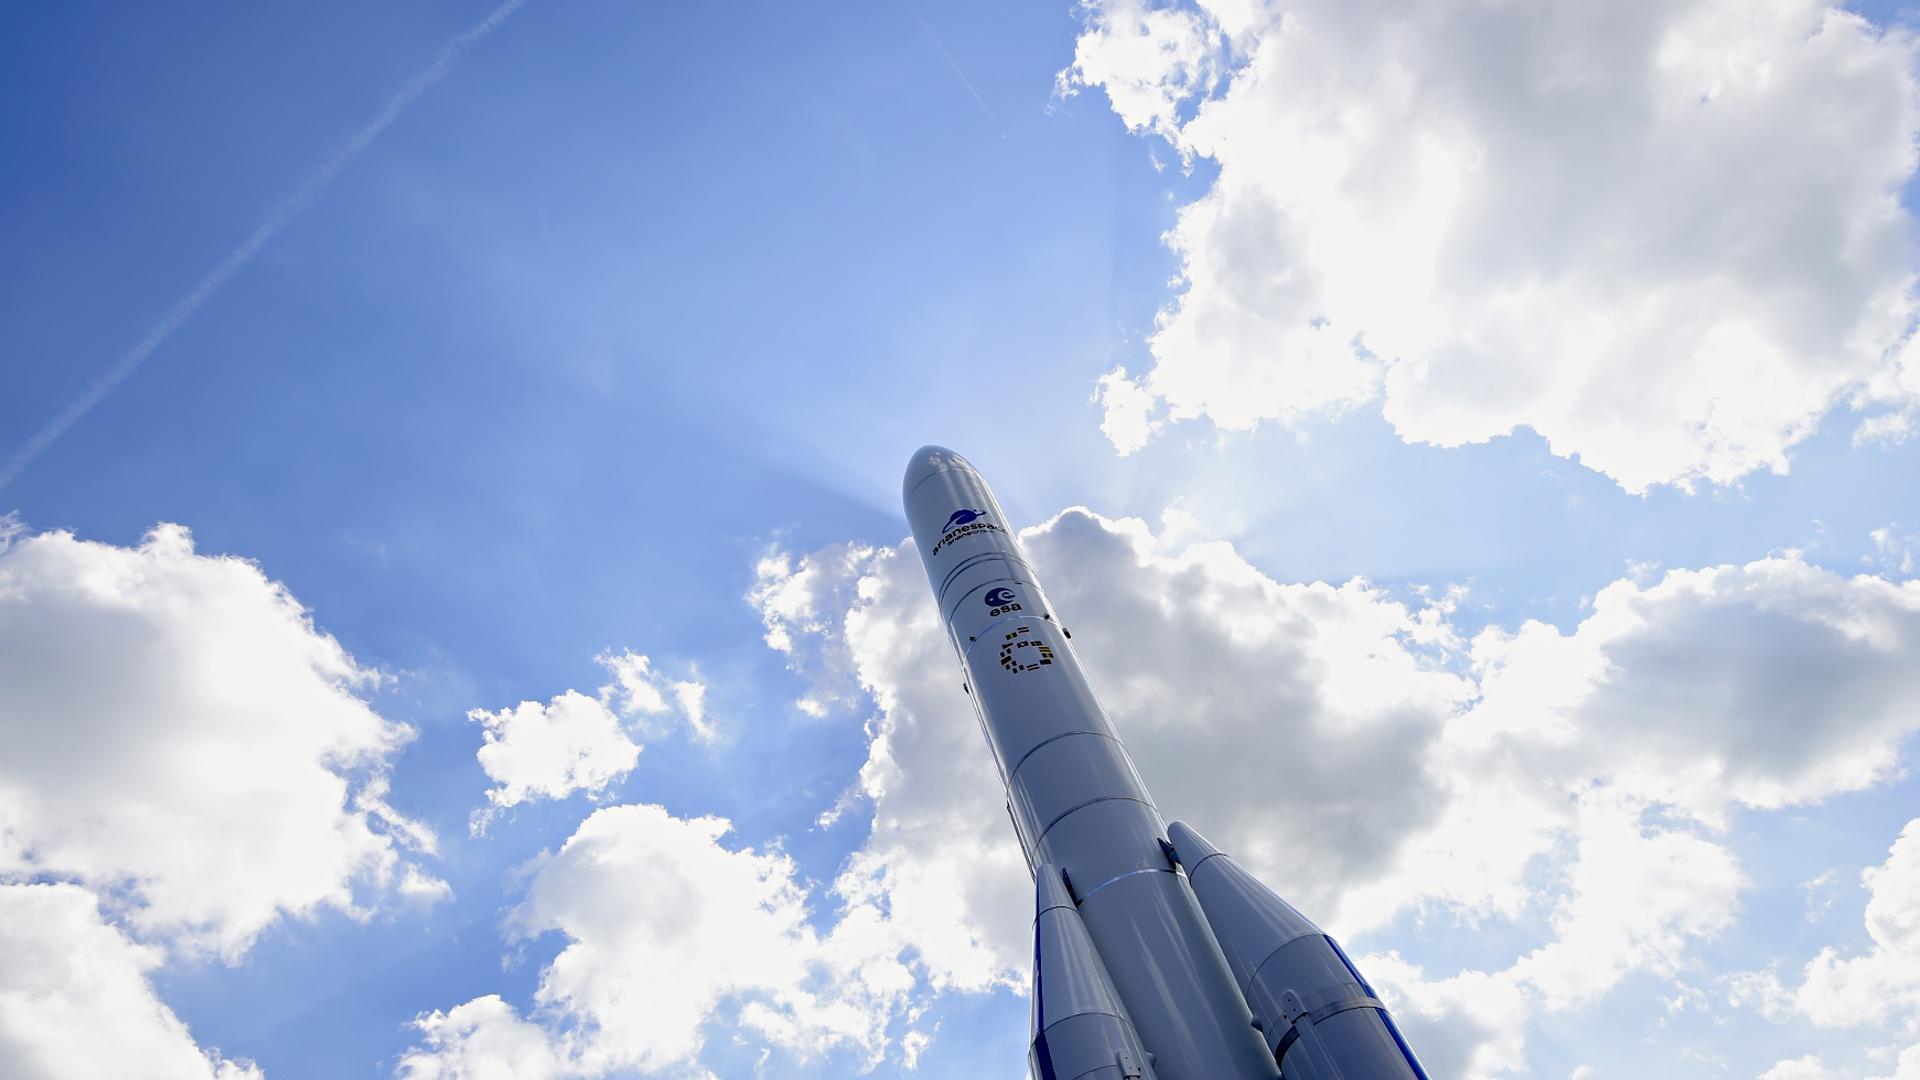 Германия надеется получить кусок дорогого пирога космического рынка